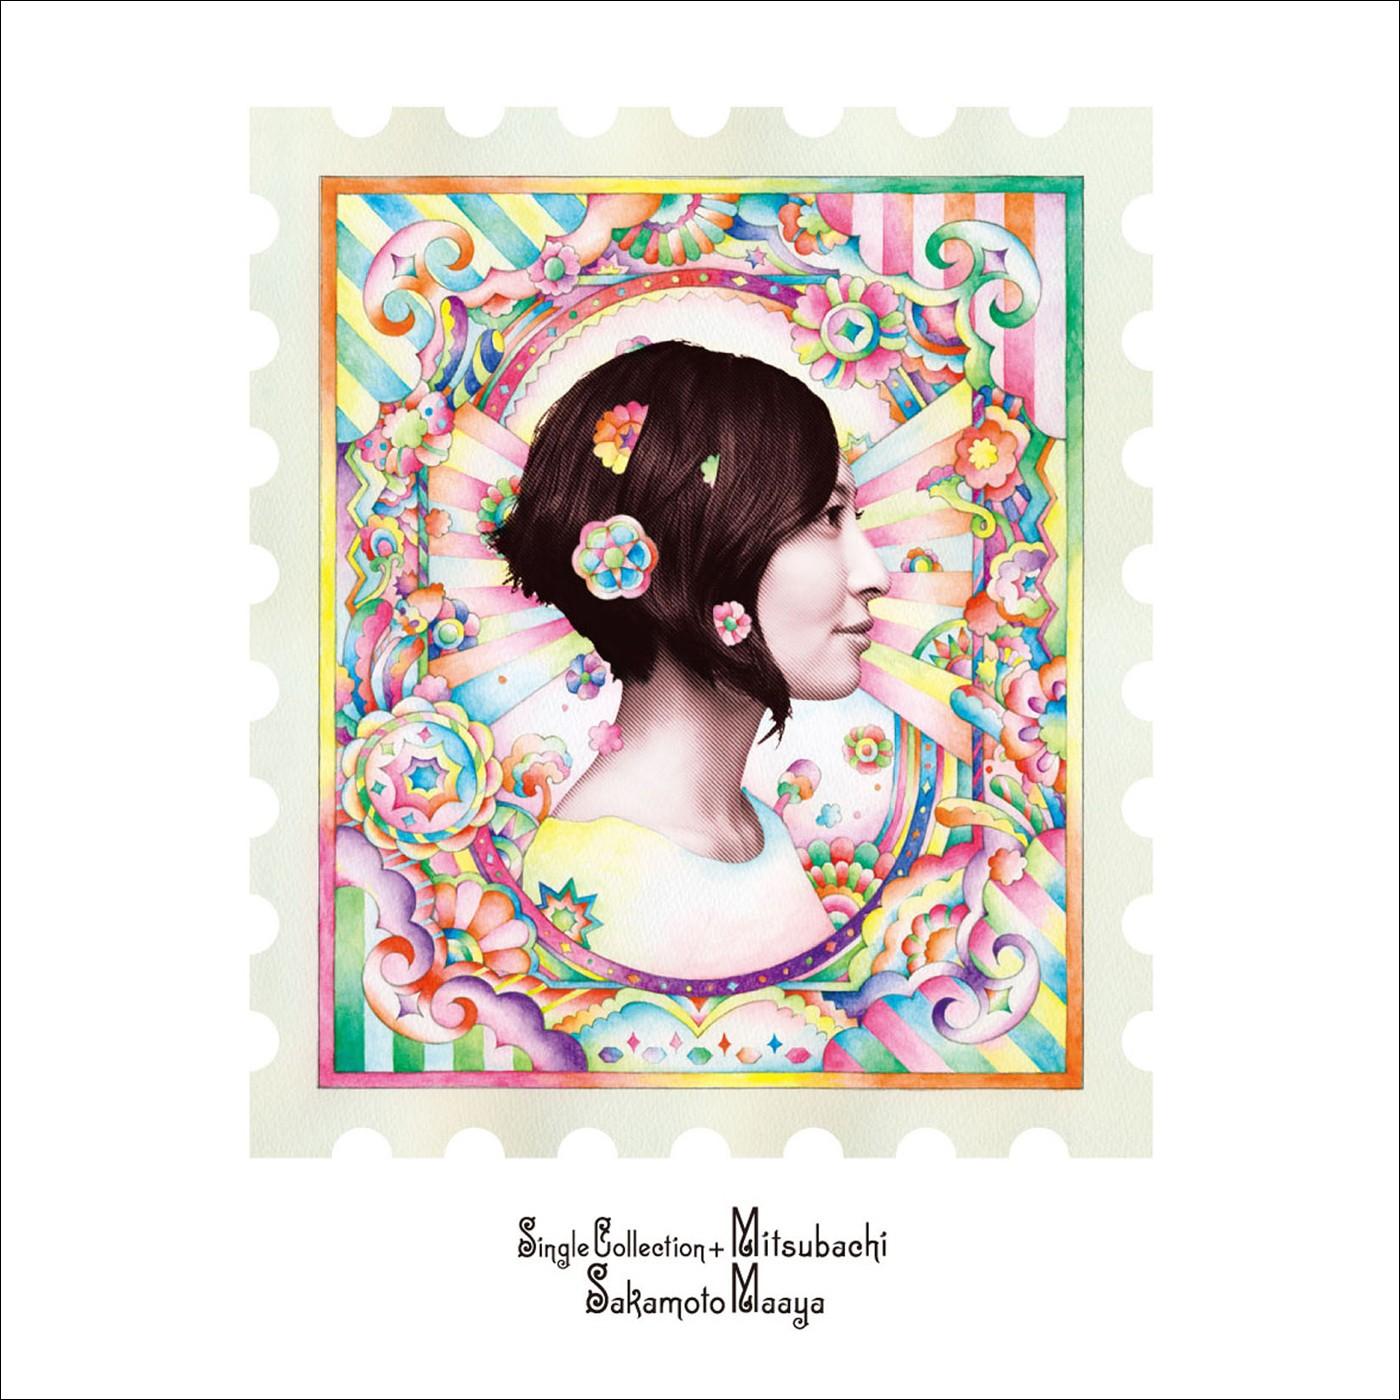 坂本真綾 (Maaya Sakamoto) – シングルコレクション+ ミツバチ (Single Collection+ Mitsubachi) [Mora FLAC 24bit/96kHz]